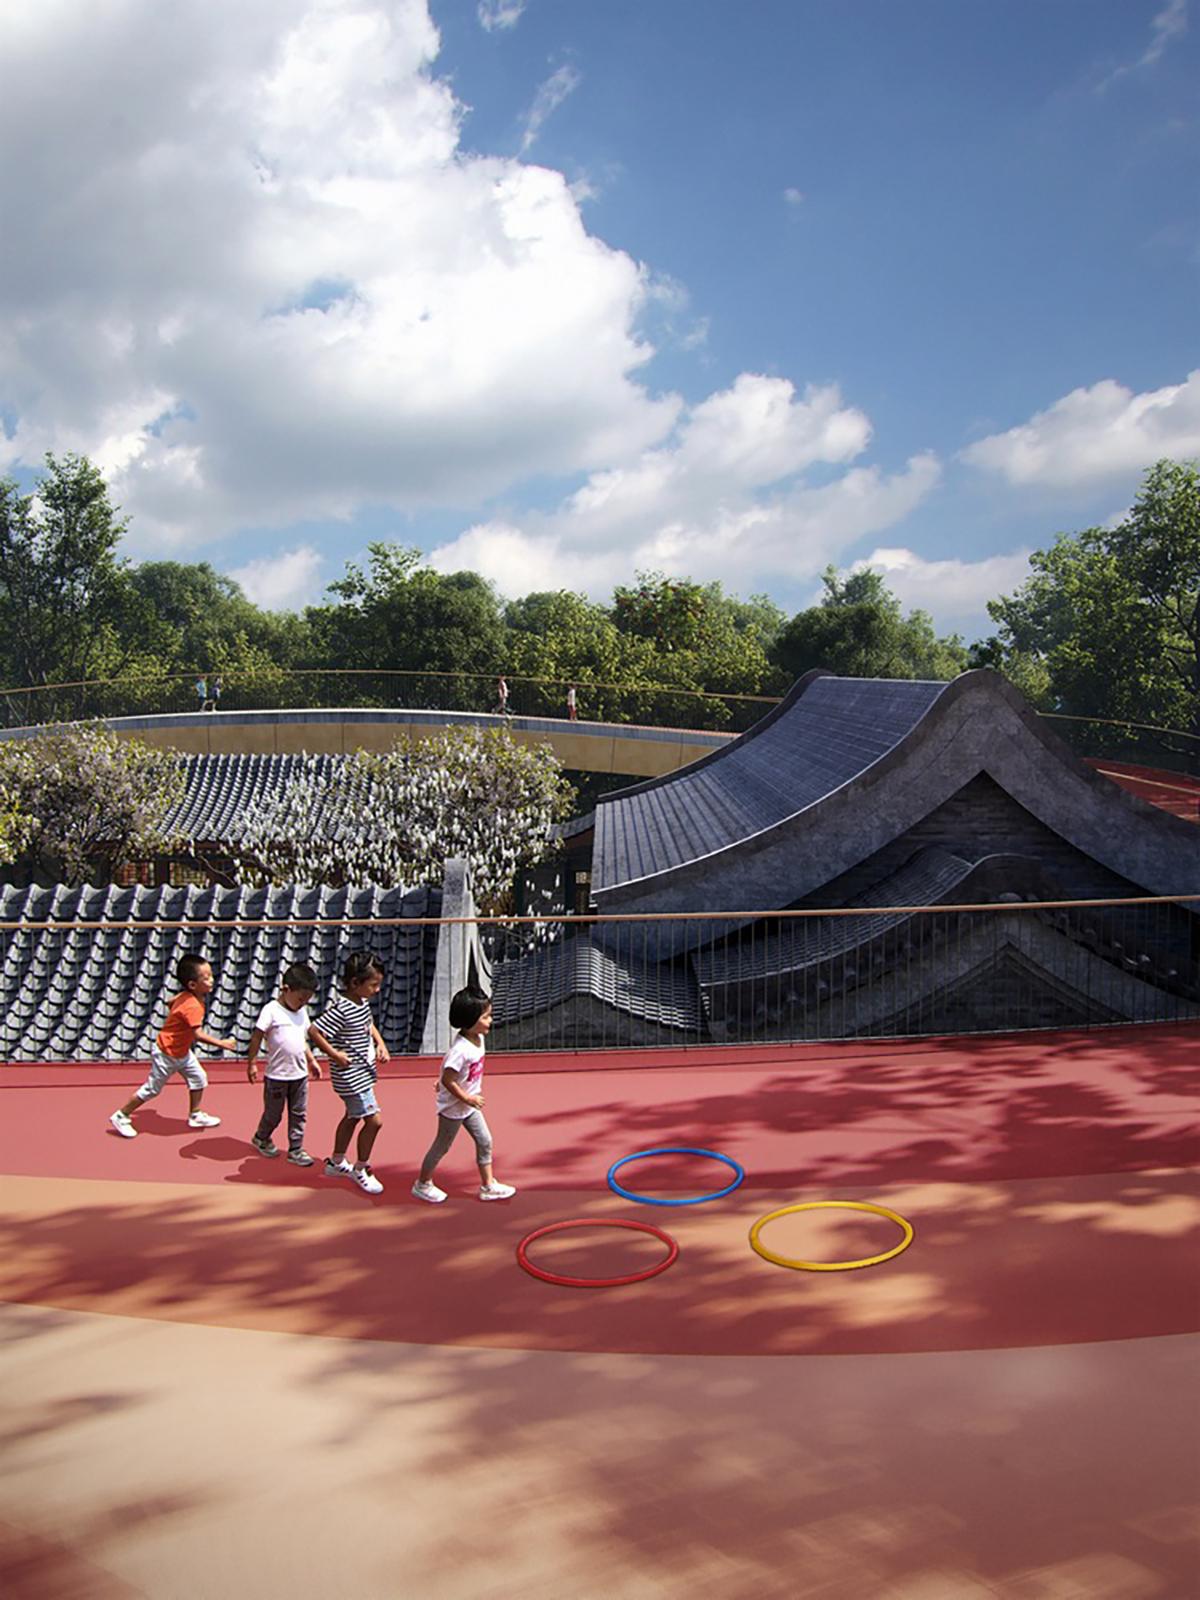 Courtyard Kindergarten - Ngôi trường giao thoa giữa truyền thống và hiện đại   MAD Architects